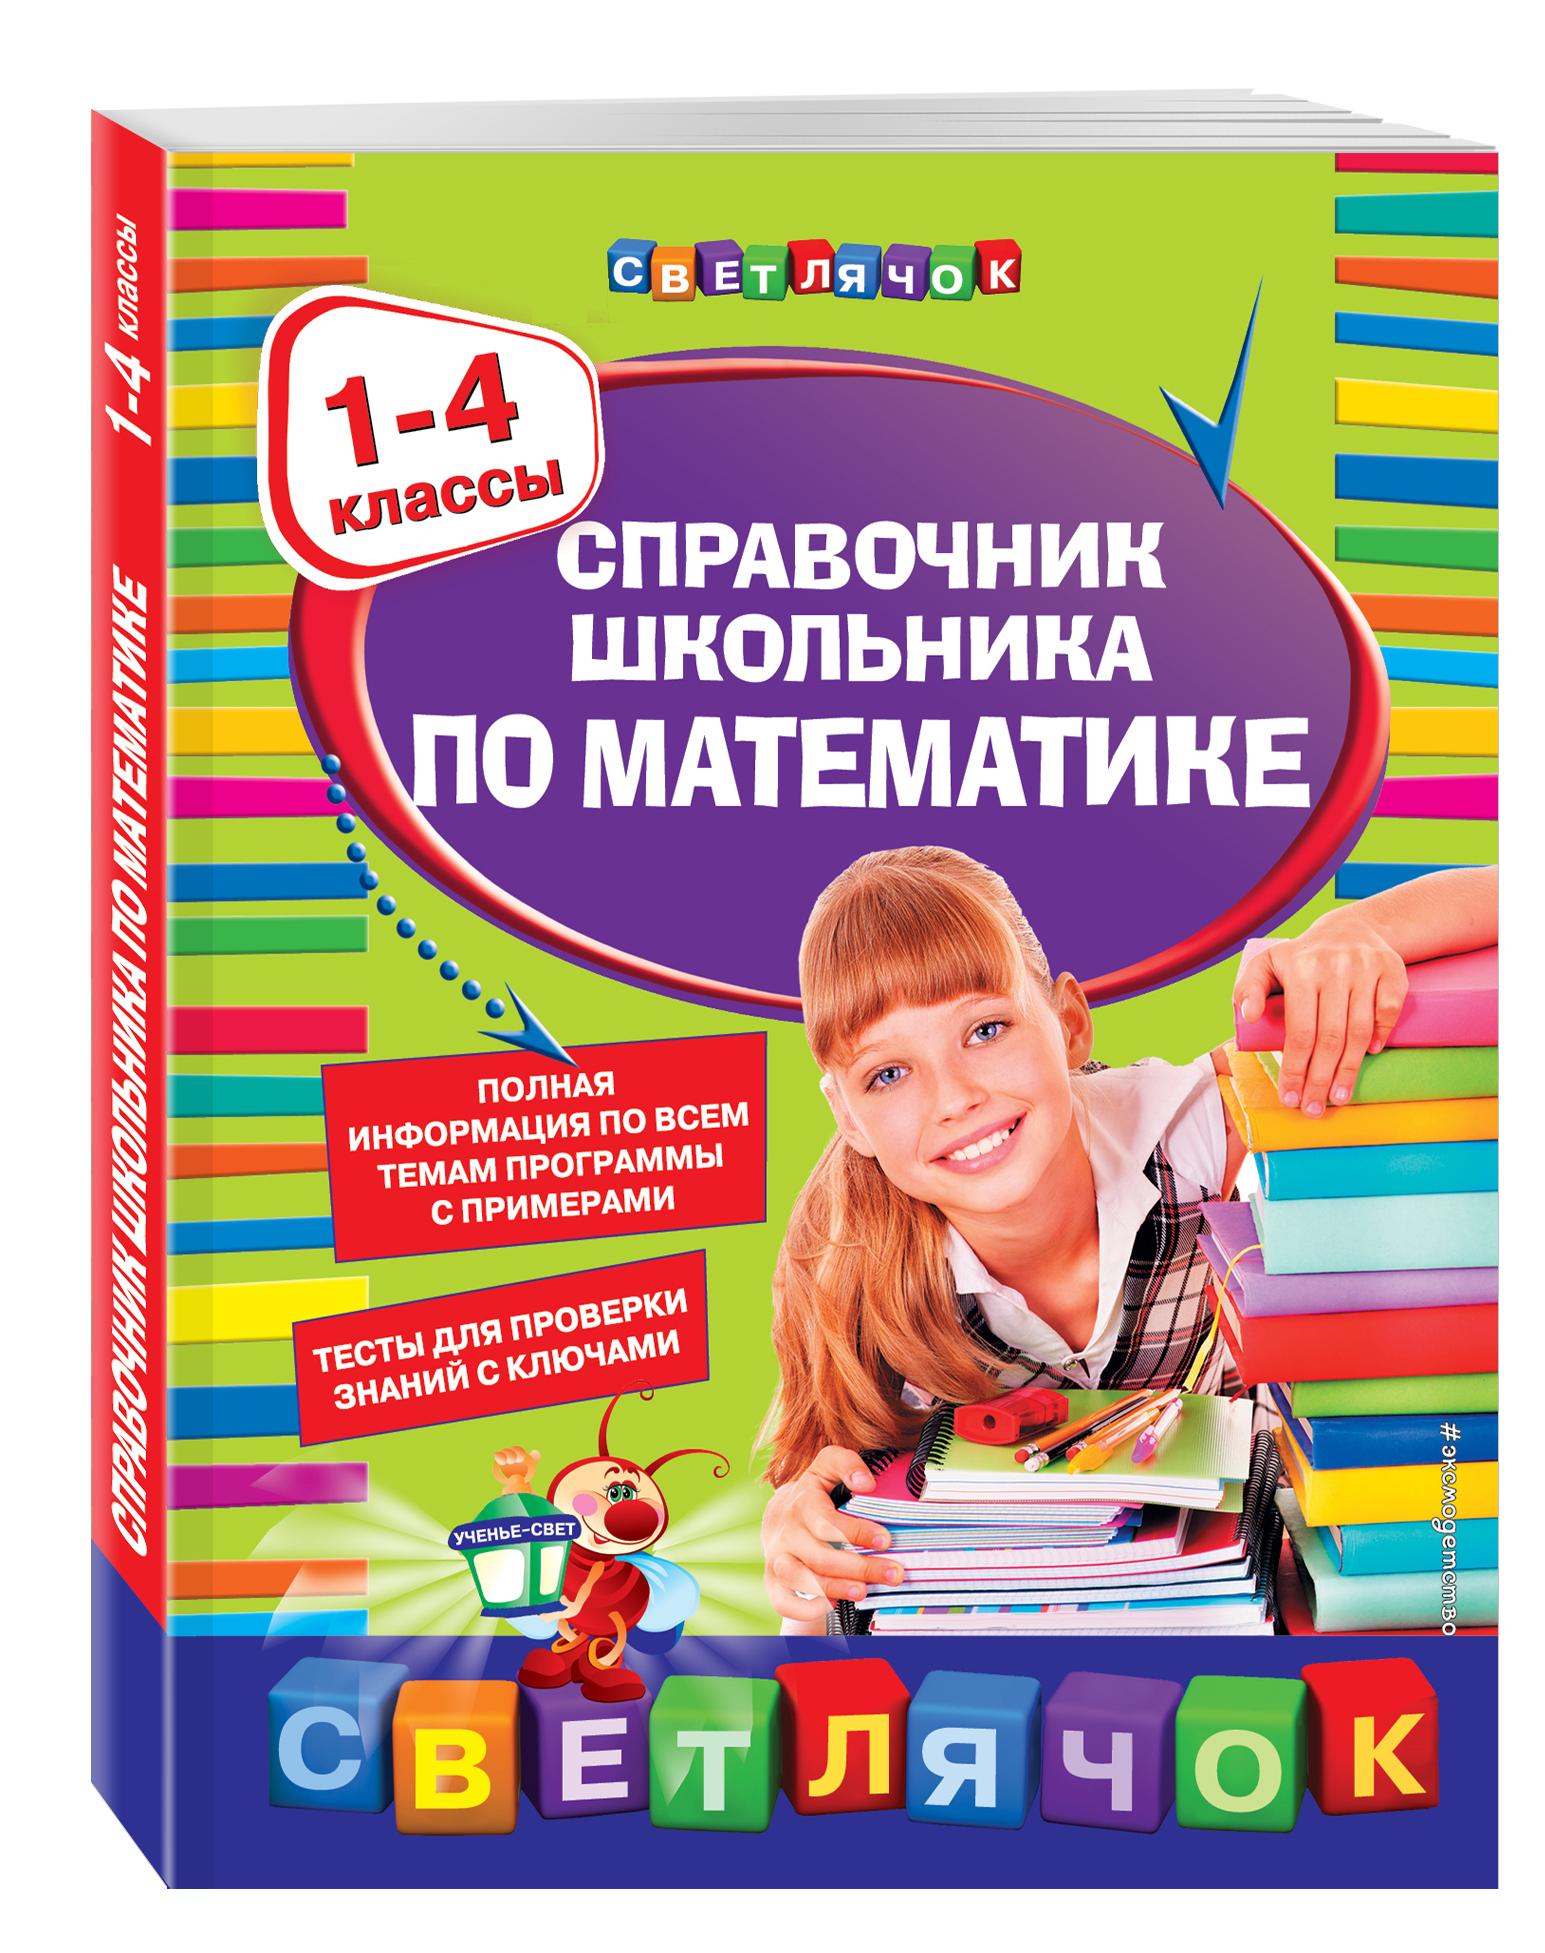 Марченко И.С. Справочник школьника по математике:1-4 классы